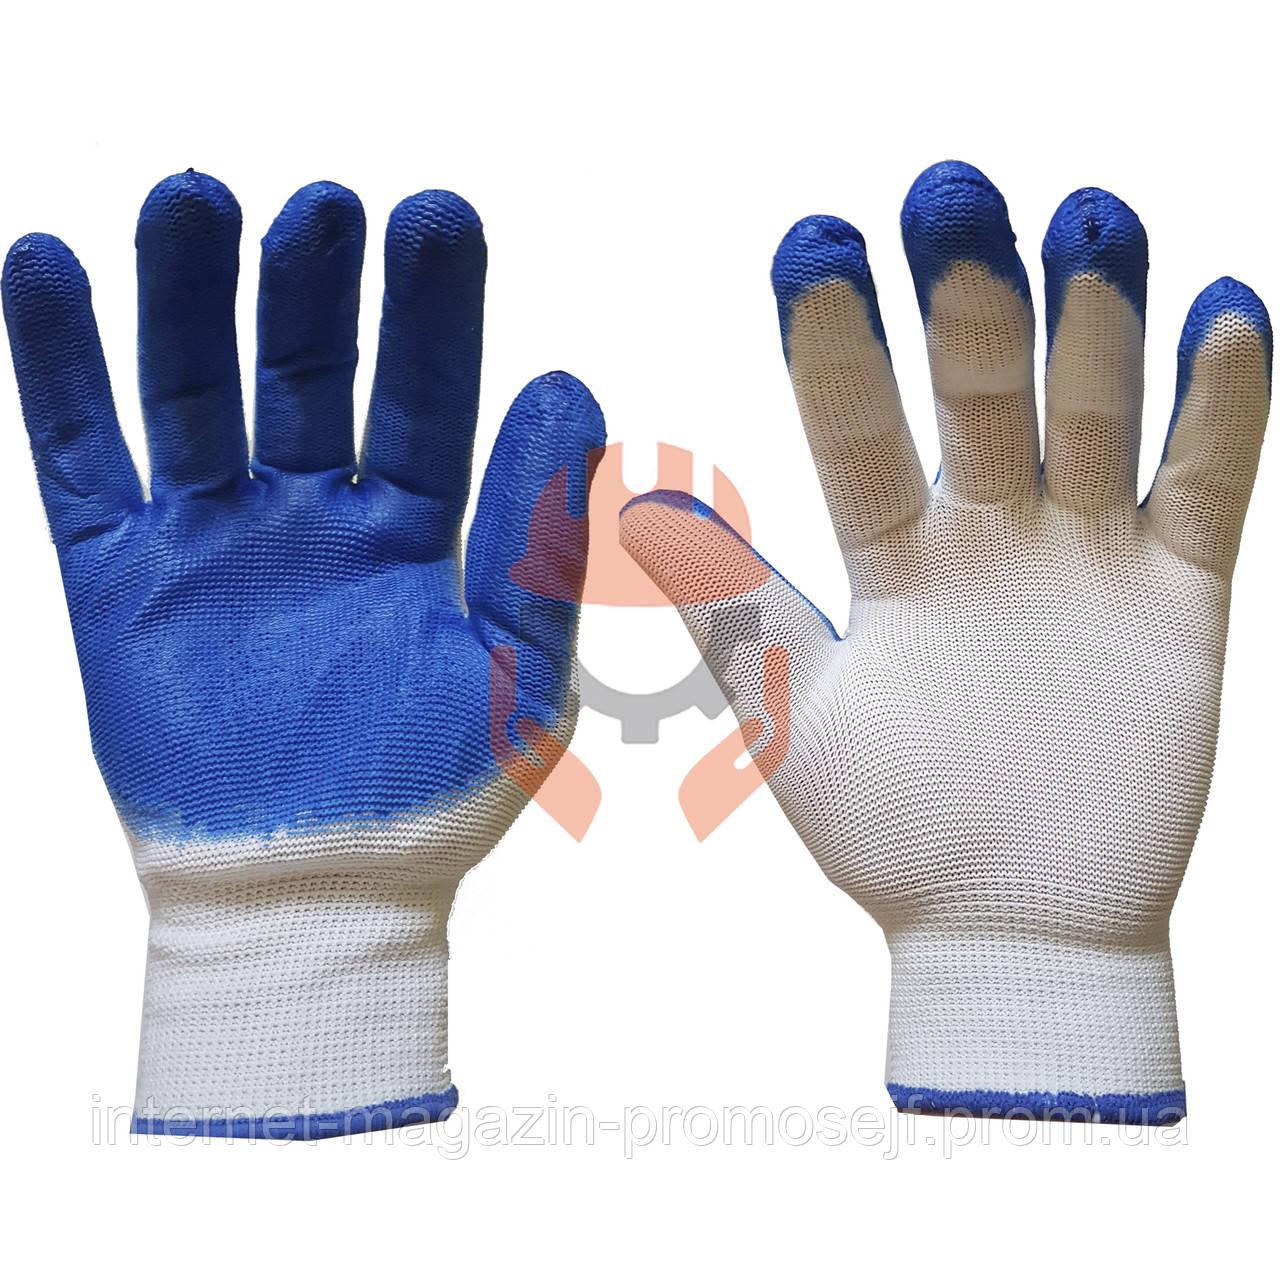 Перчатки нитриловые стрейчевые